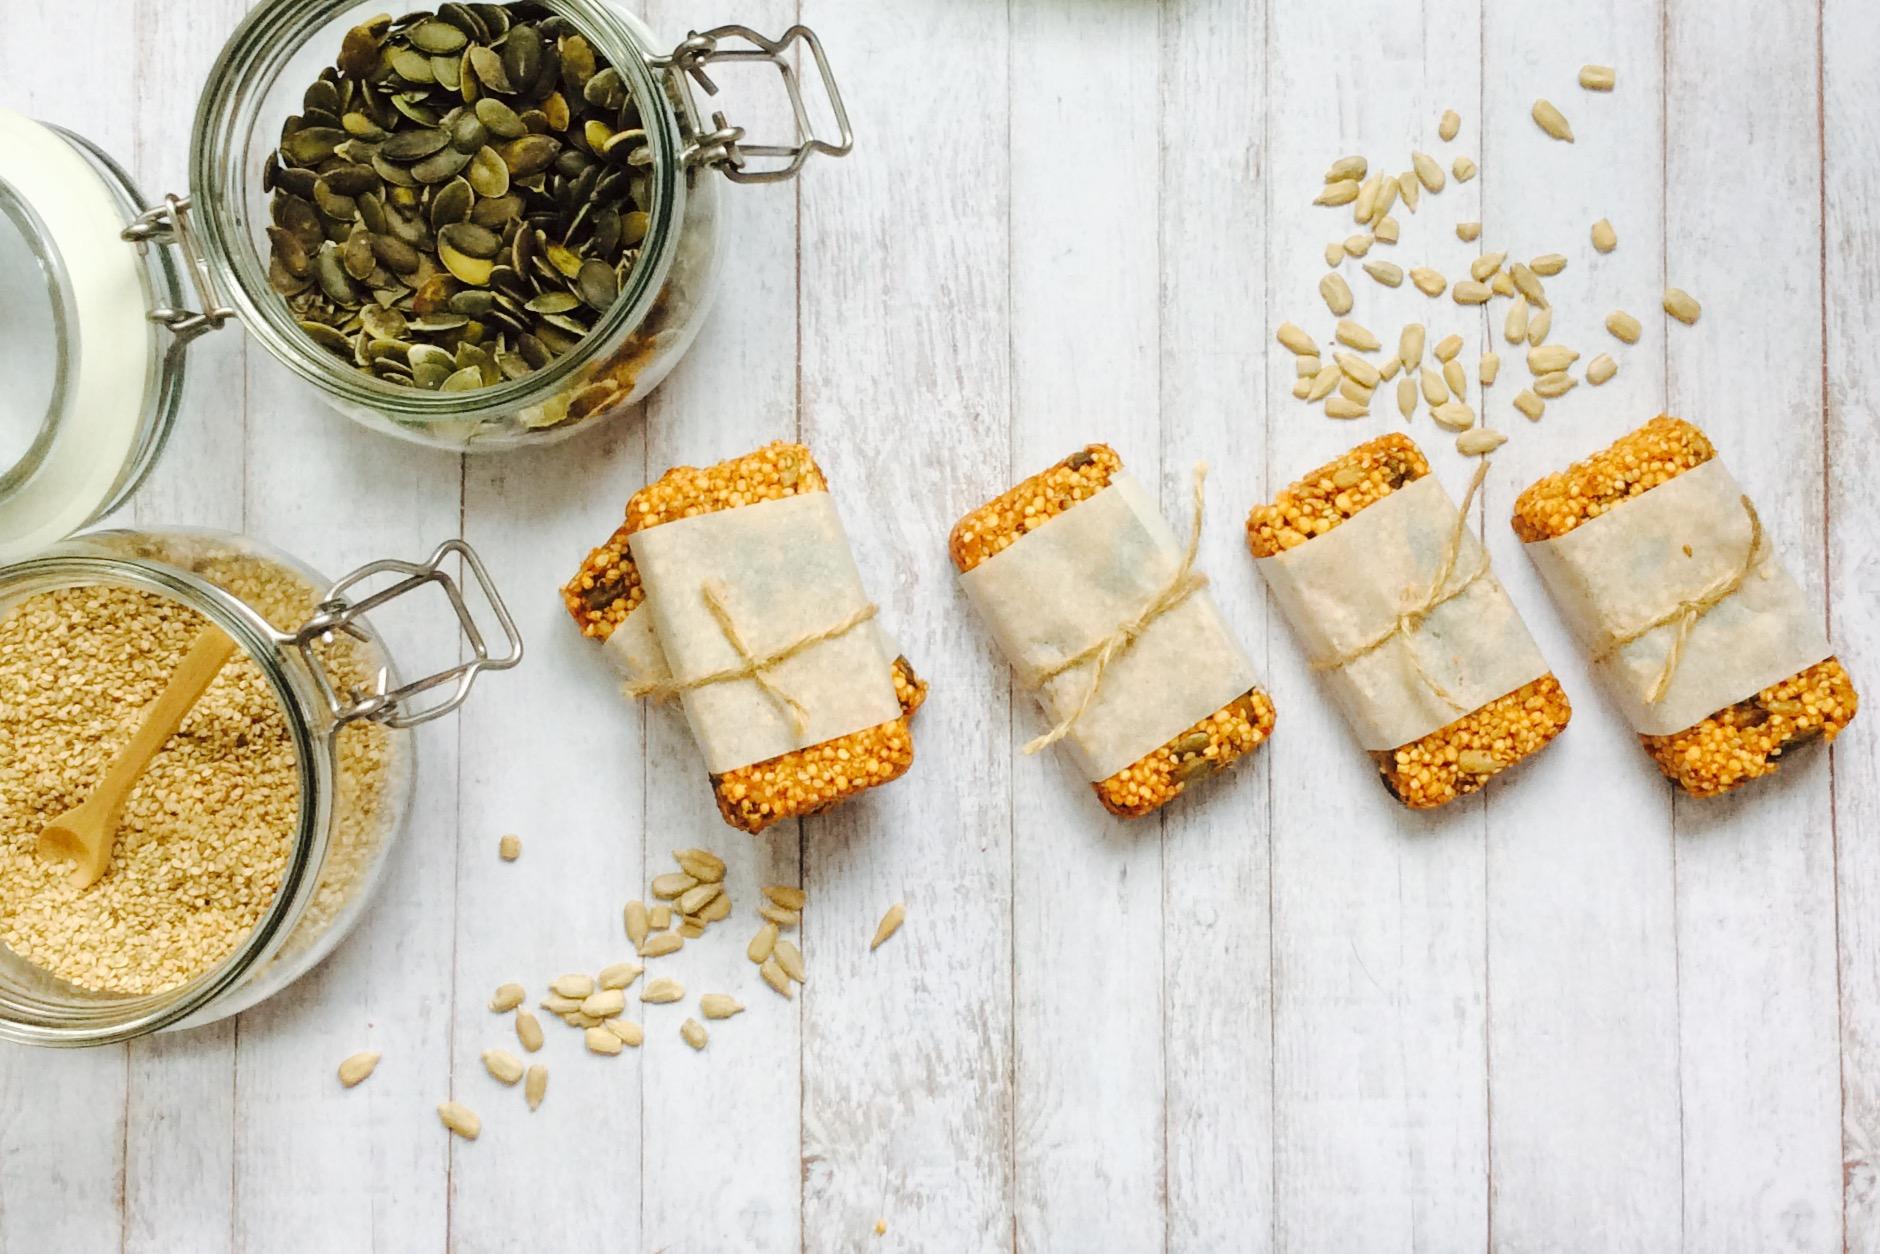 receta-barritas-quinoa-y-semillas-ido-4